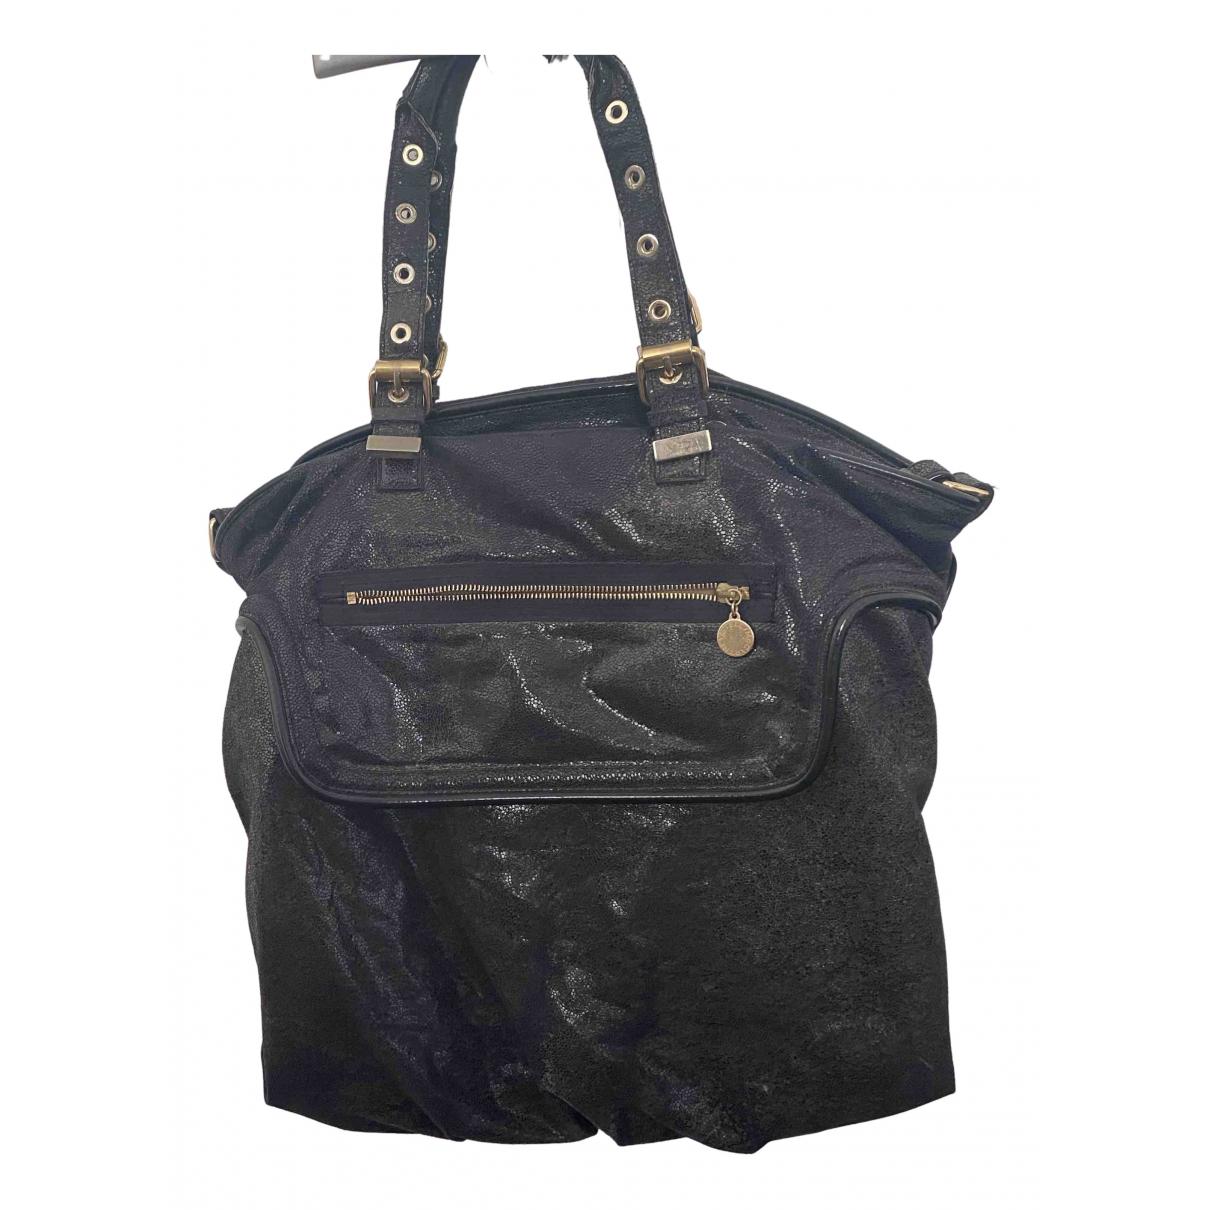 Stella Mccartney N Cloth handbag for Women N